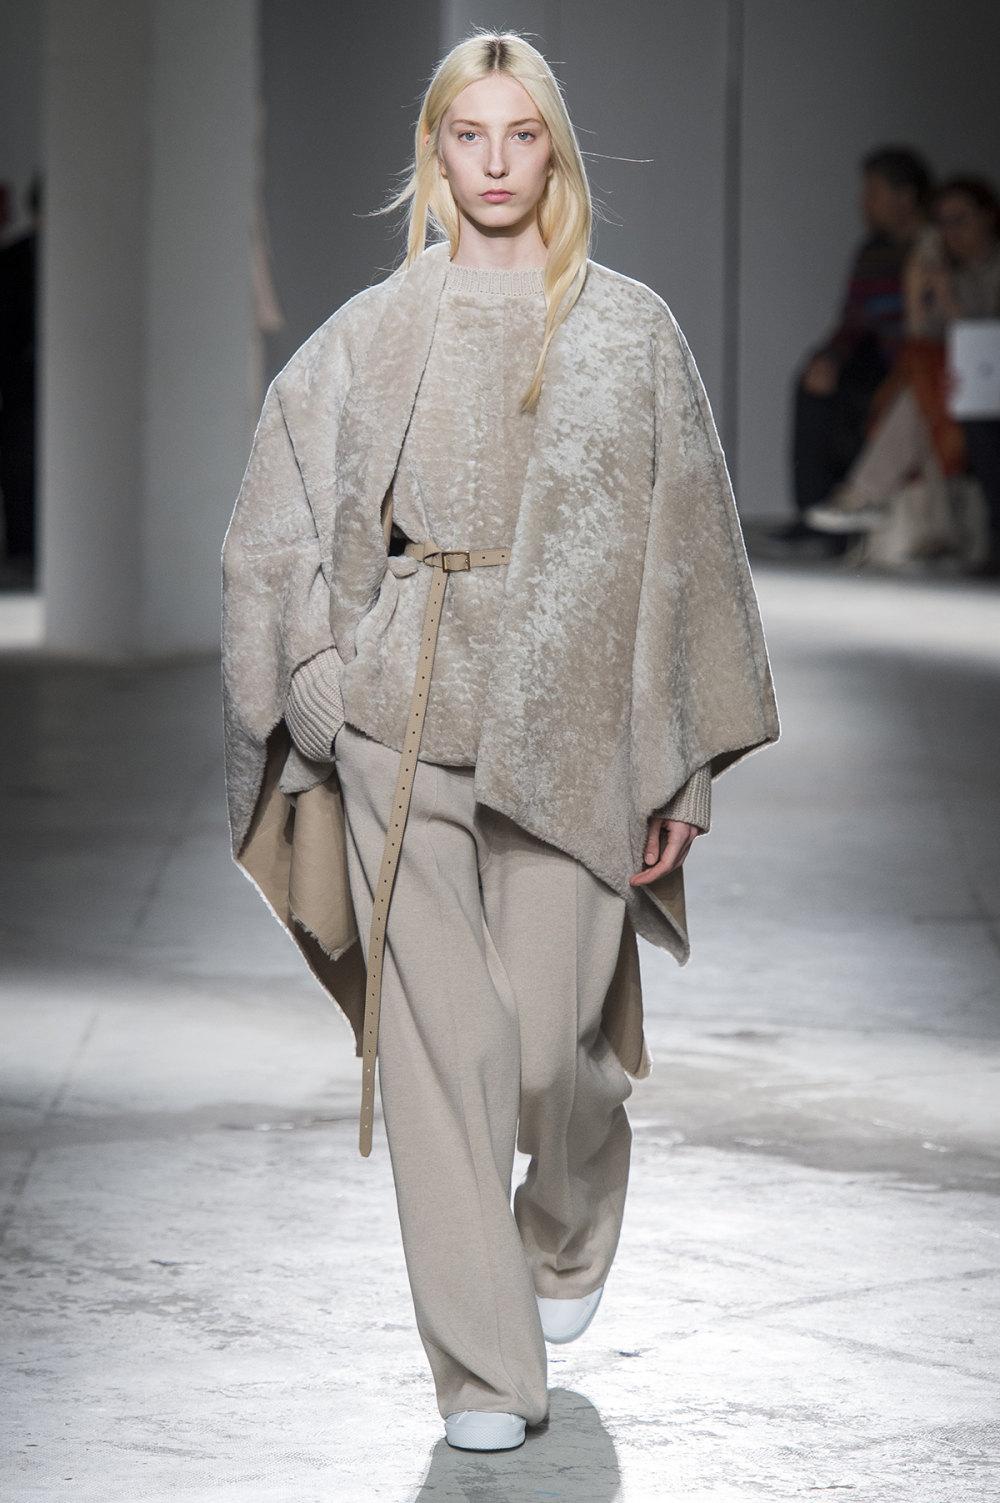 Agnona时装系列有纹理外套长而瘦有些穿着浴袍宽腿裤套装有巧克力-7.jpg